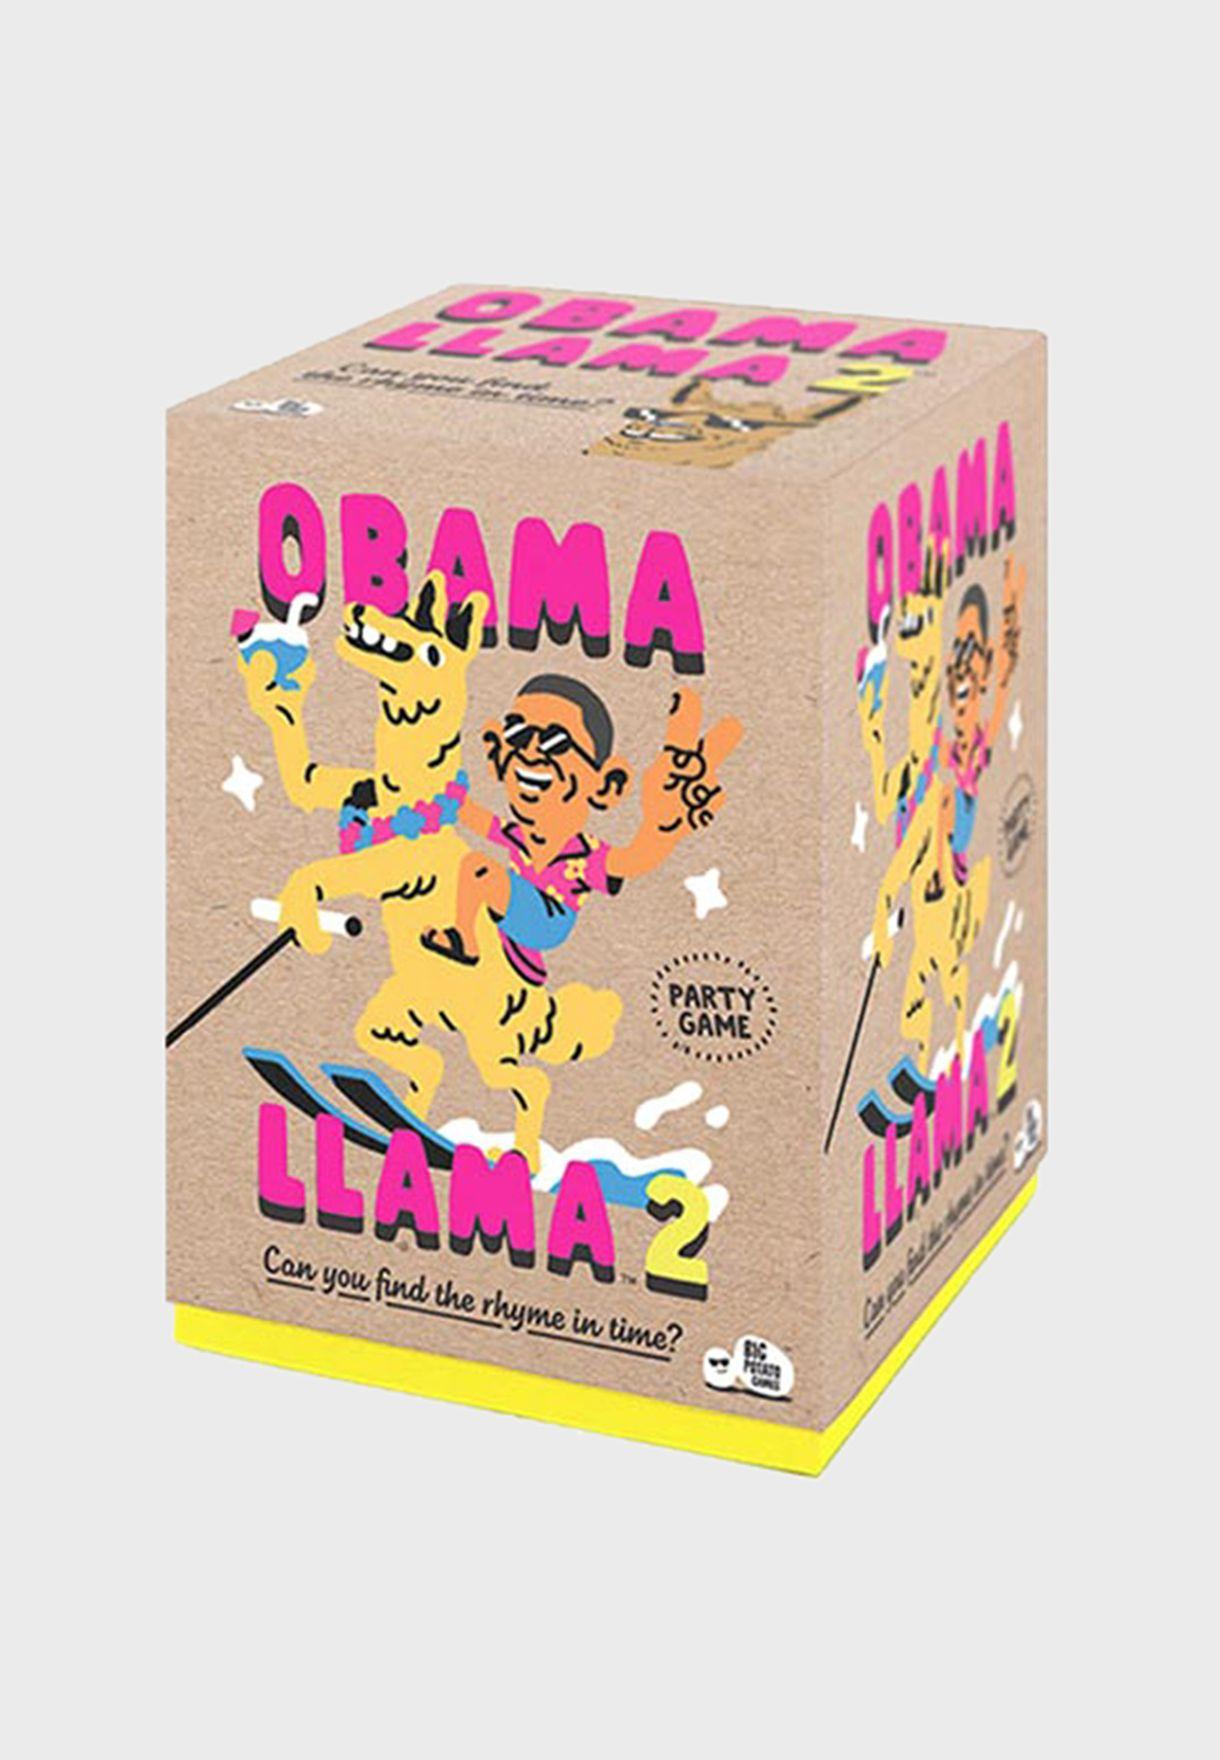 Obama Llama II Card Game